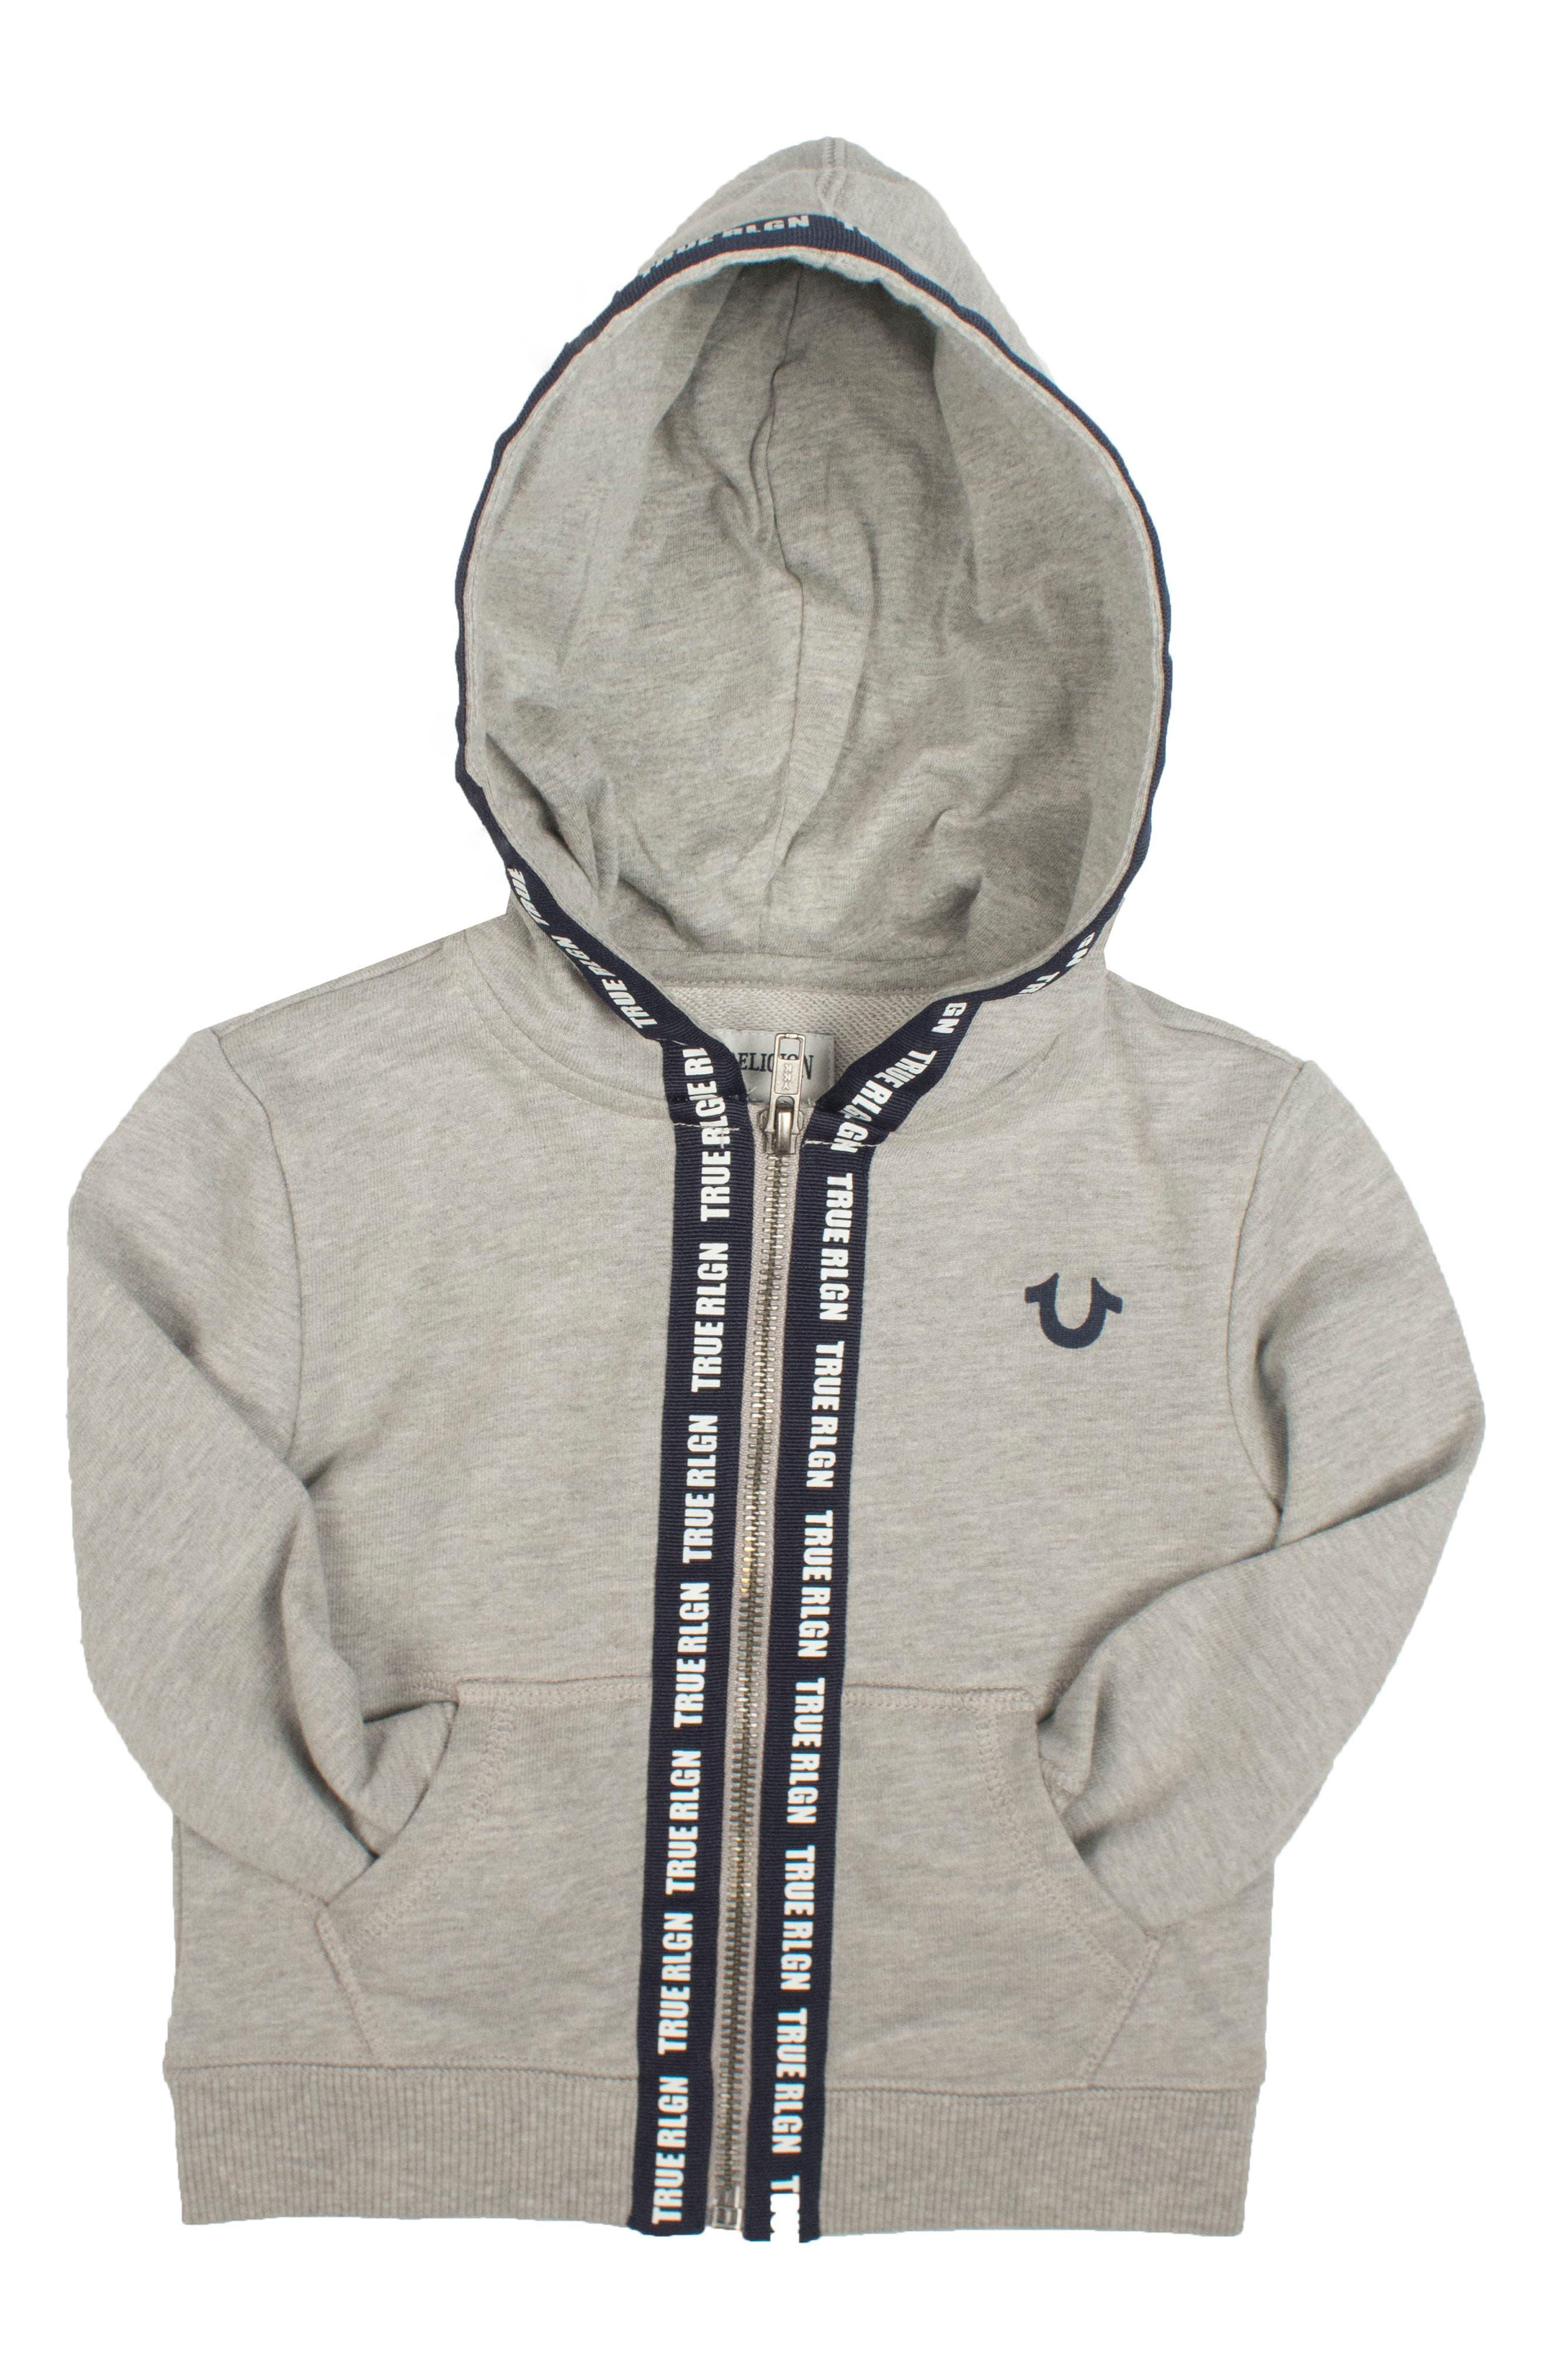 Alternate Image 1 Selected - True Religion Brand Jeans Tape Zip Hoodie (Big Boys)